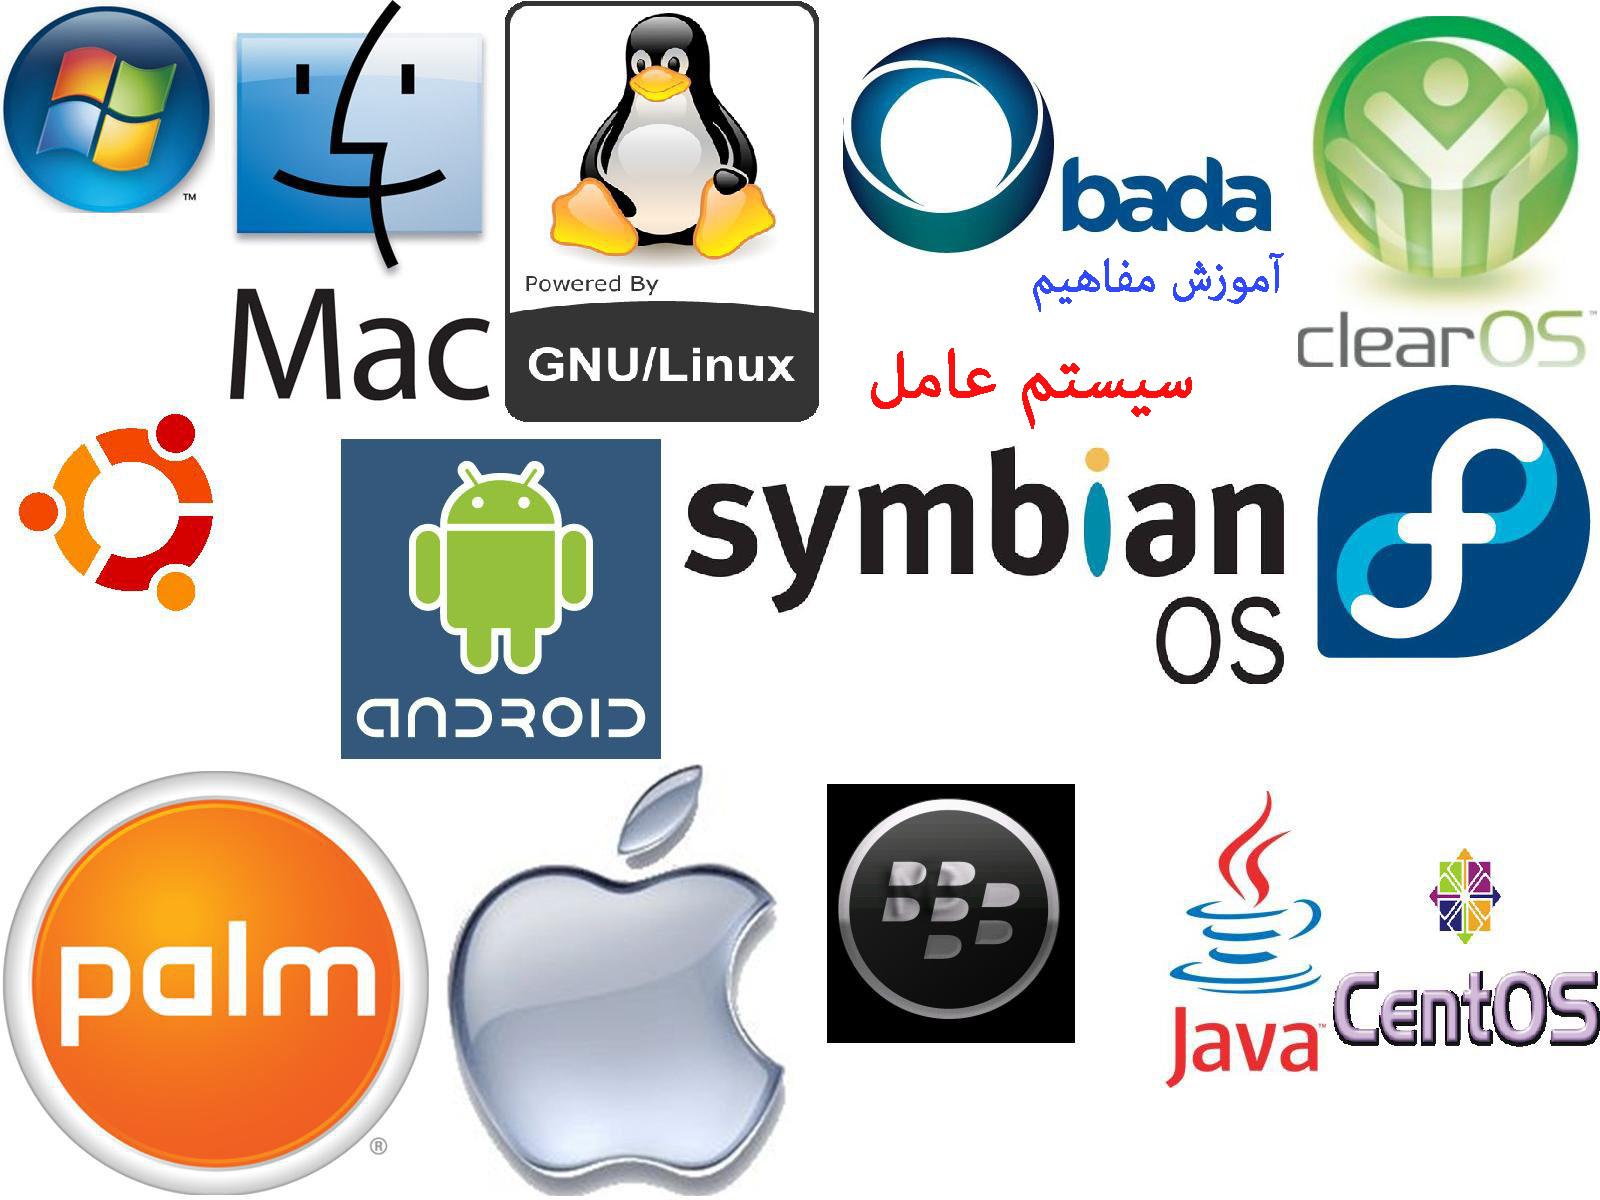 سیستم عامل دانلود جزوه مفاهیم پایه سیستم عامل